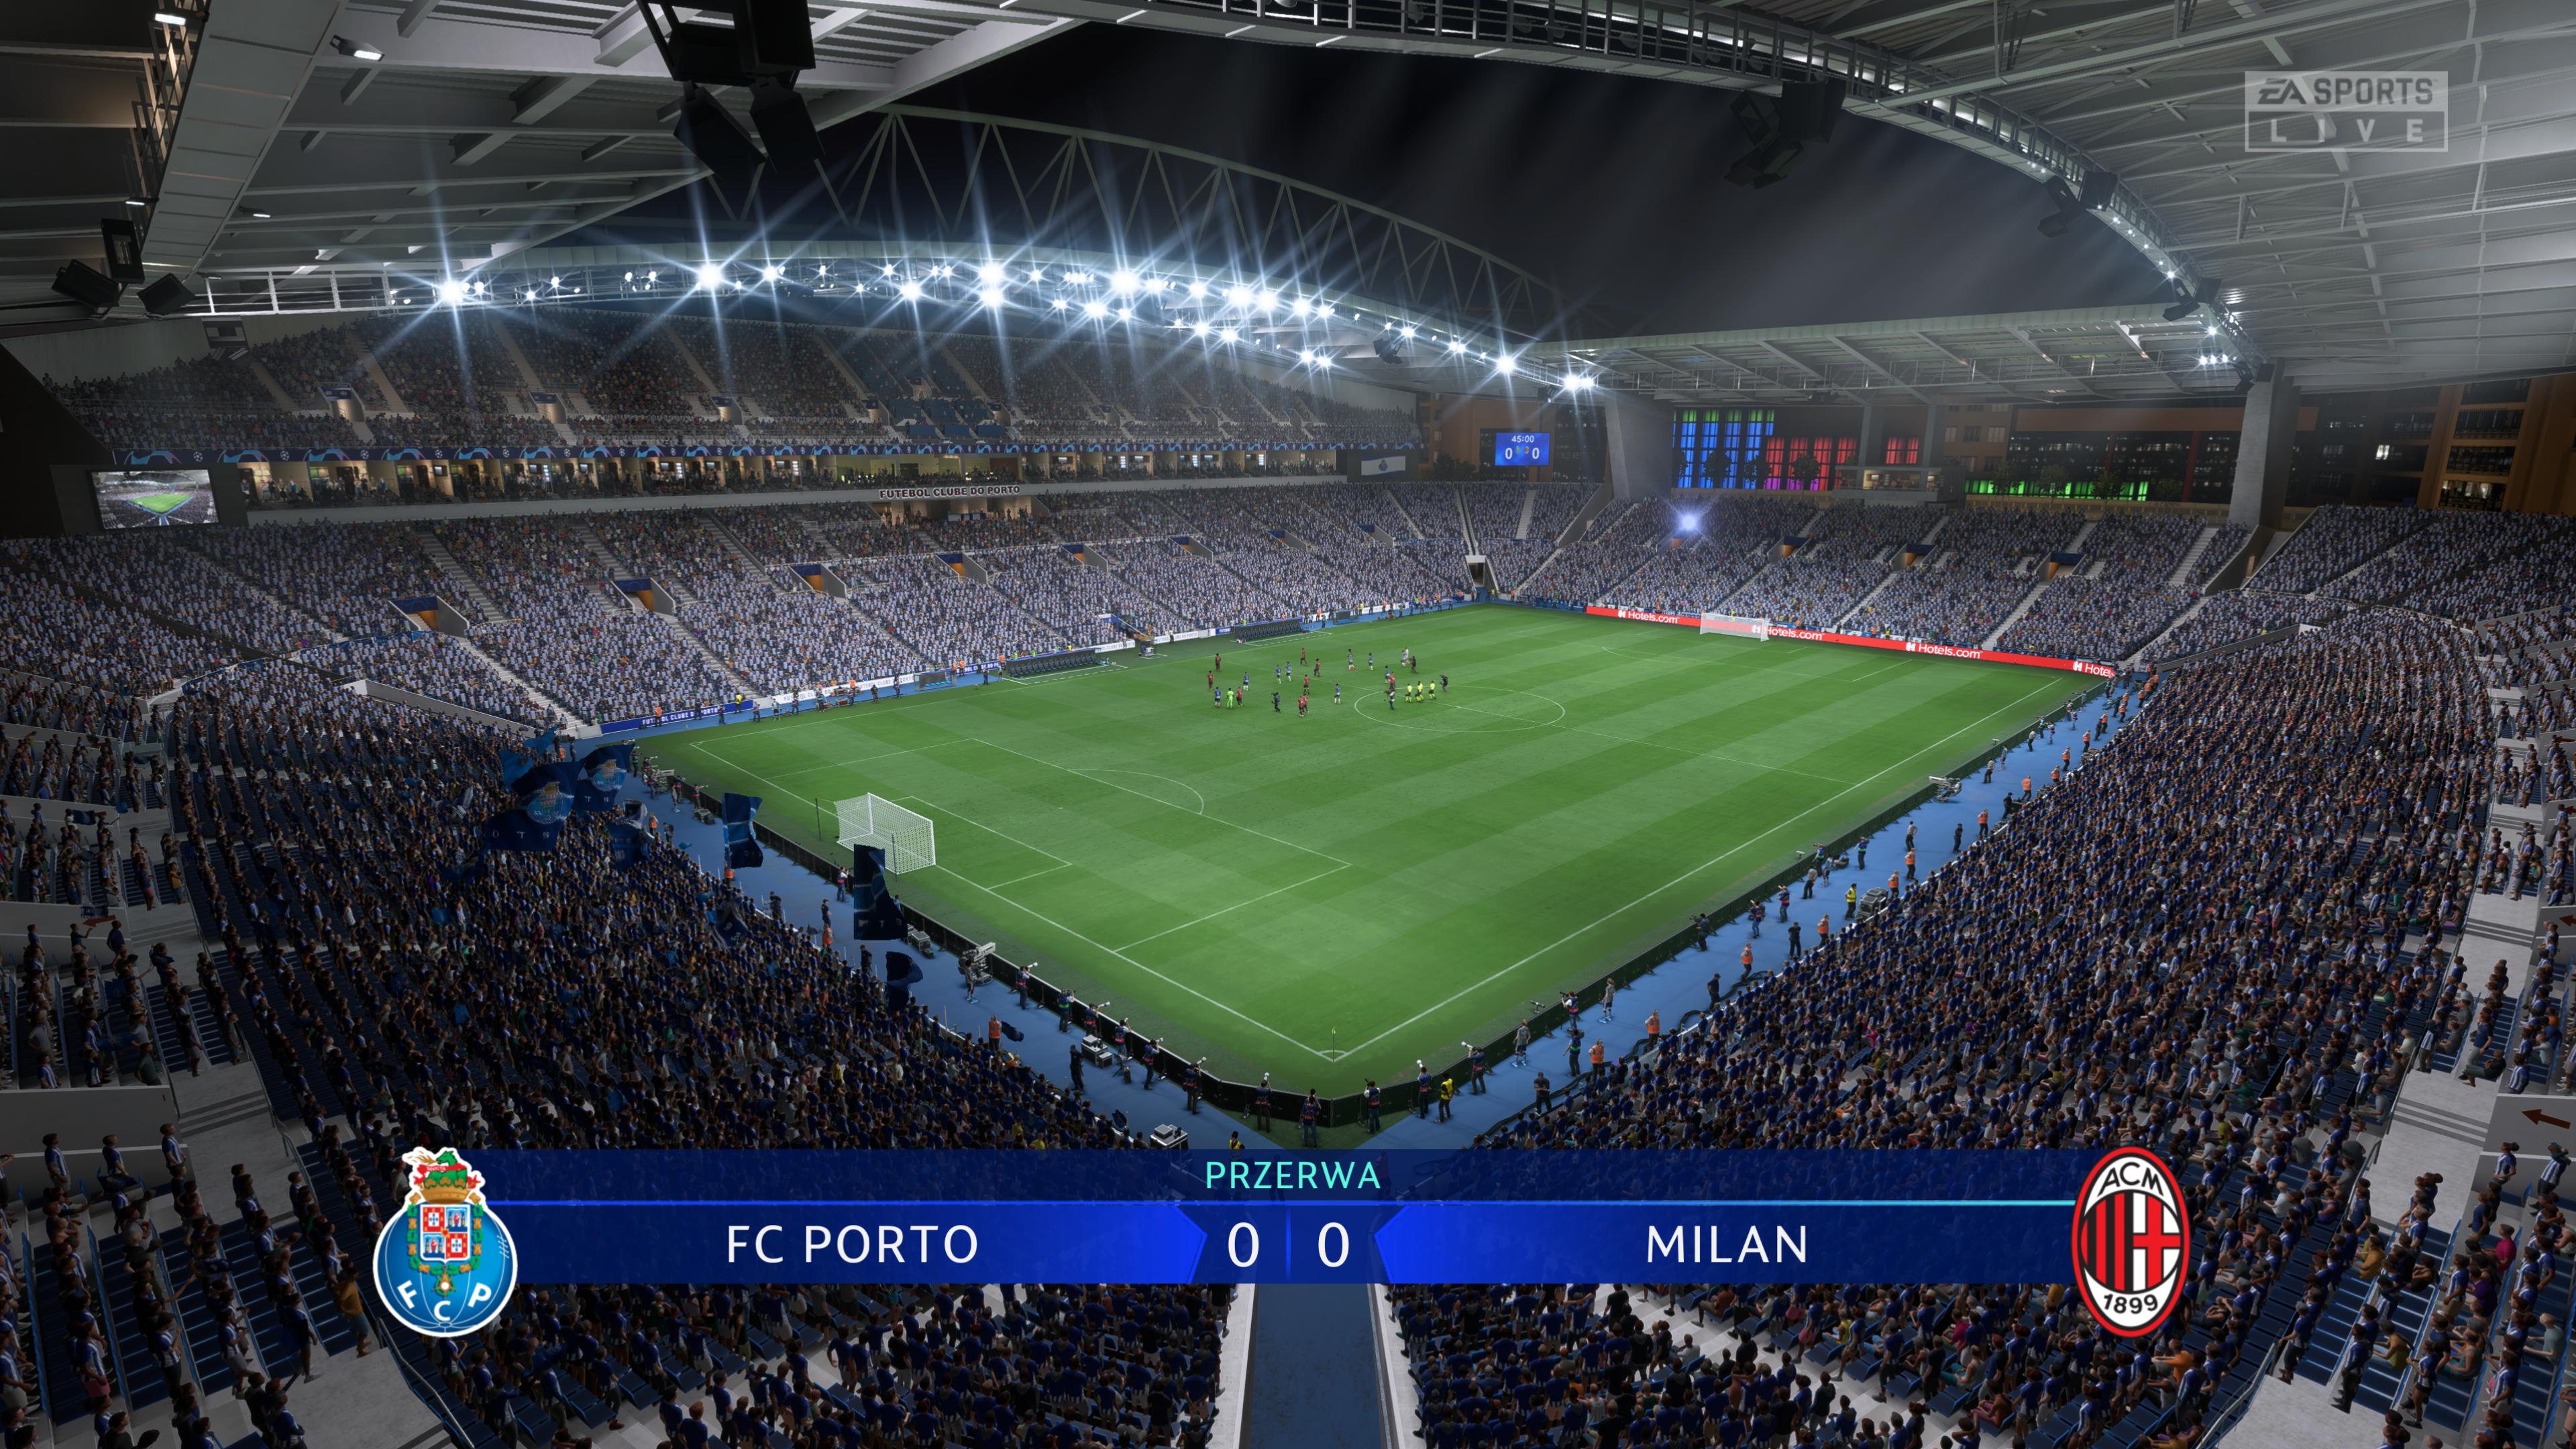 Można się śmiać, ale FIFA 22 na konsolach to niemalże stadionowe przeżycie. Emocje podczas rozgrywek są gwarantowane